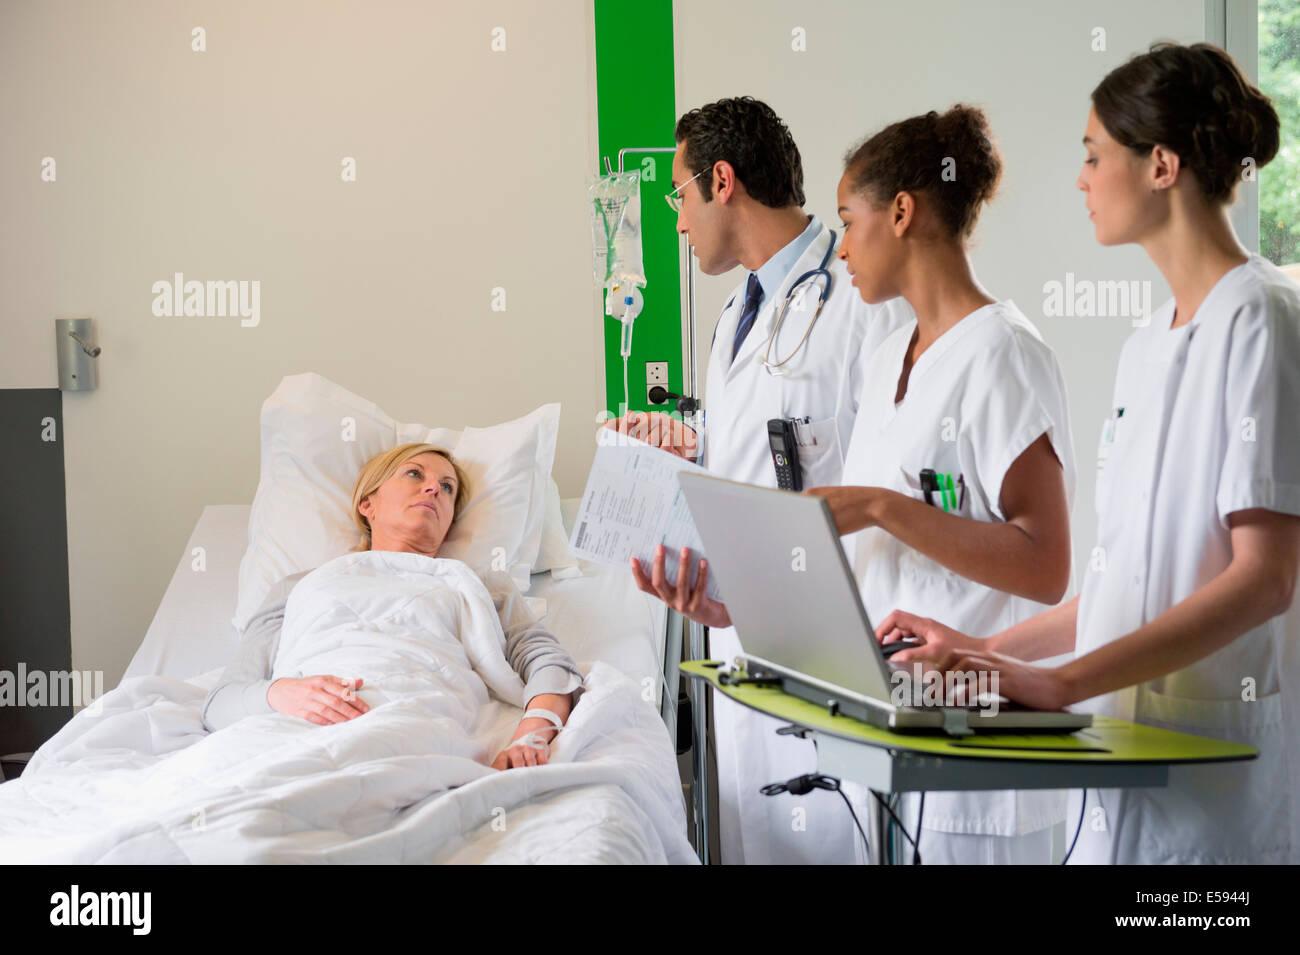 Medizinisches Team diskutieren weibliche Patientenakte im Krankenhausbett Stockbild